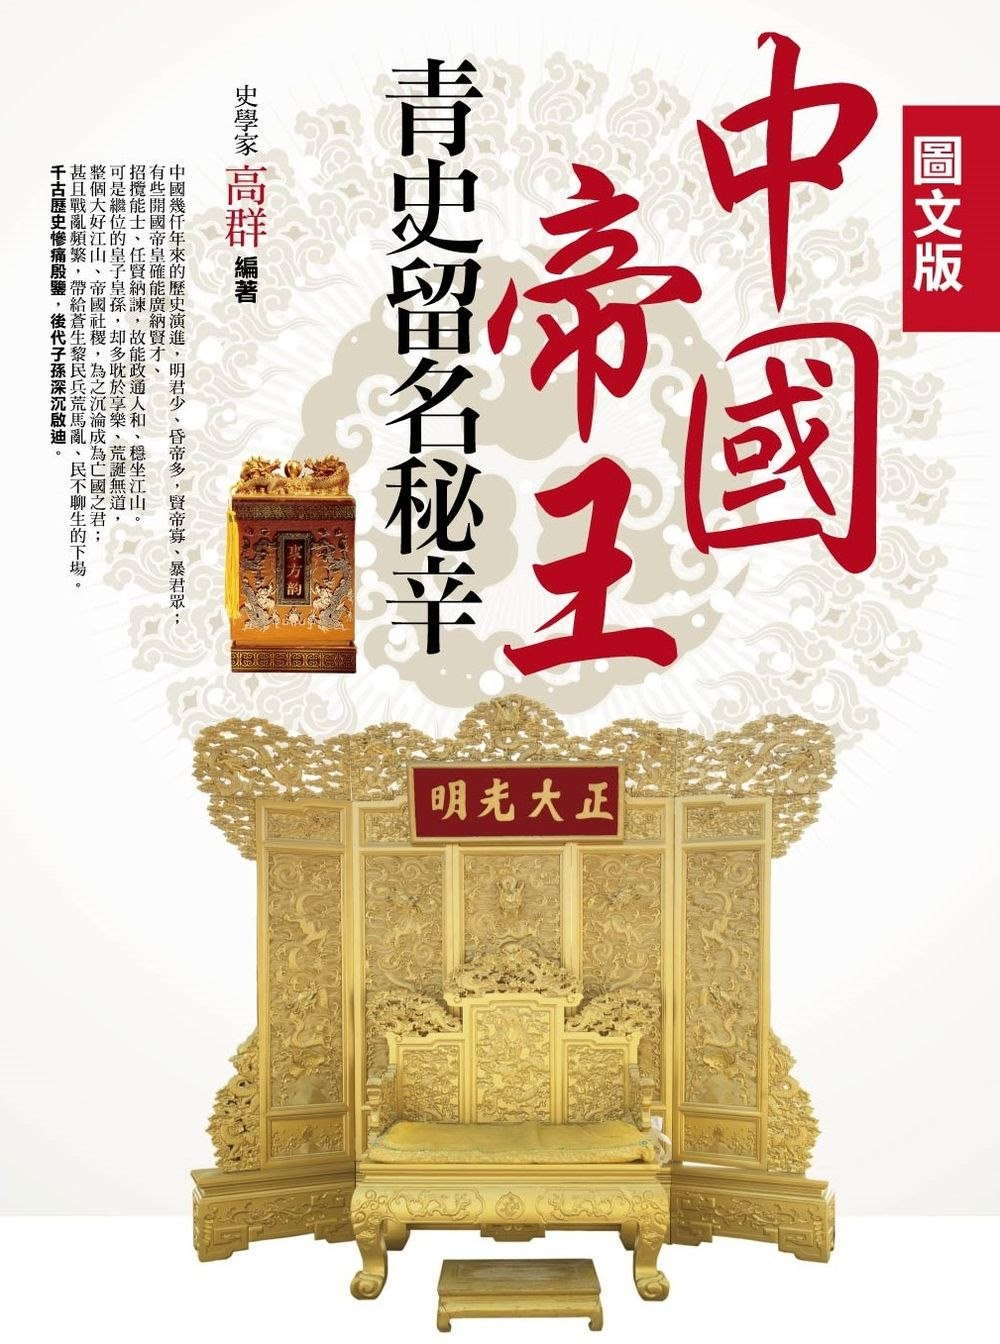 中國帝王青史留名秘辛(圖文版)